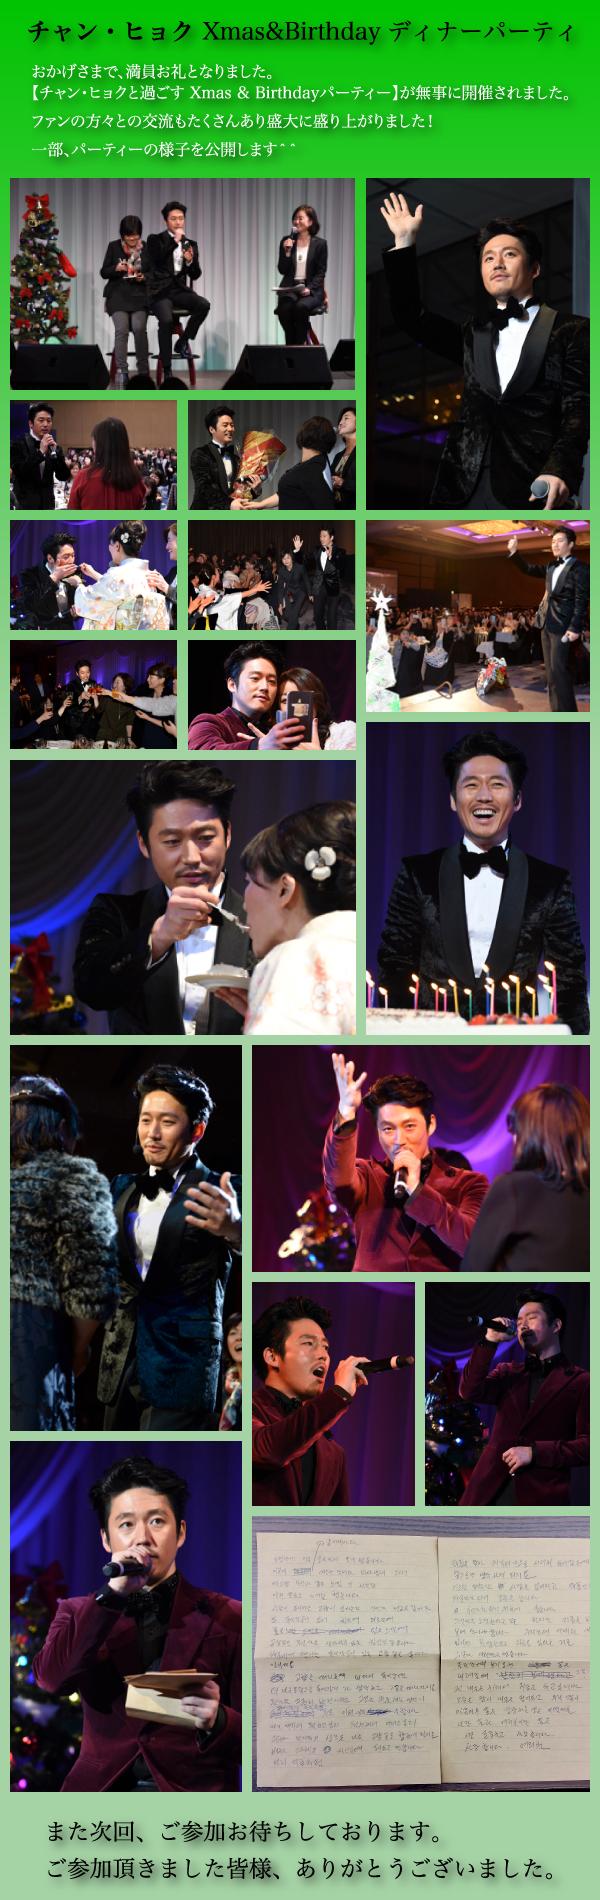 チャン・ヒョクと過ごす Xmas & Birthdayパーティー!